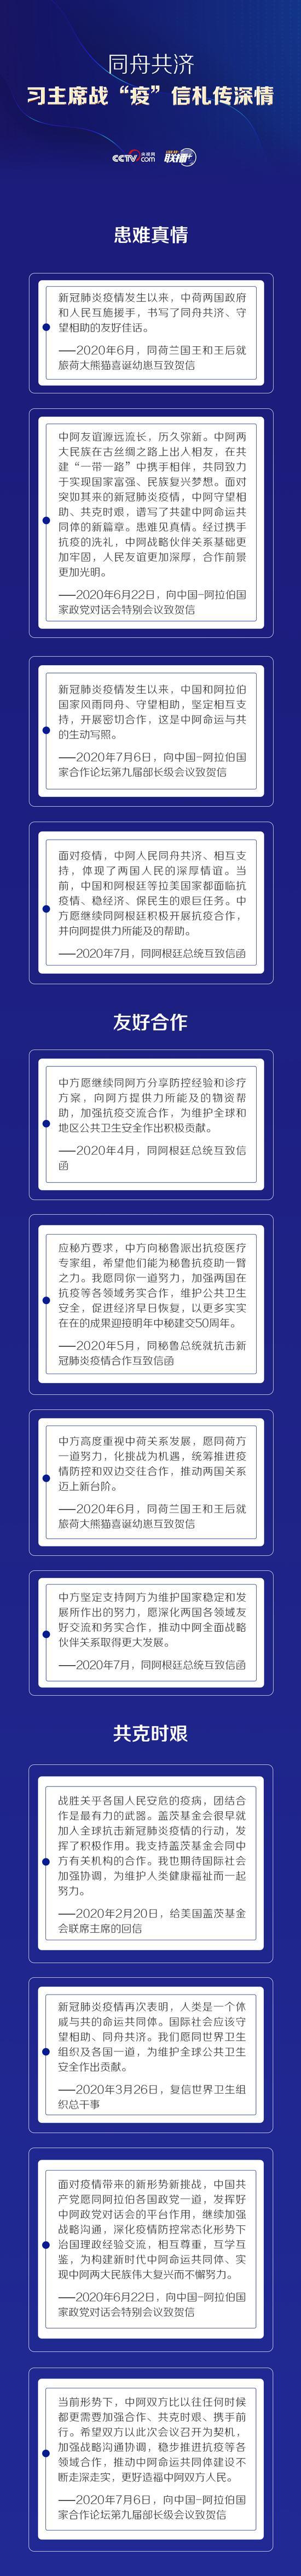 """同舟共济 习近平战""""疫""""信札传深情图片"""